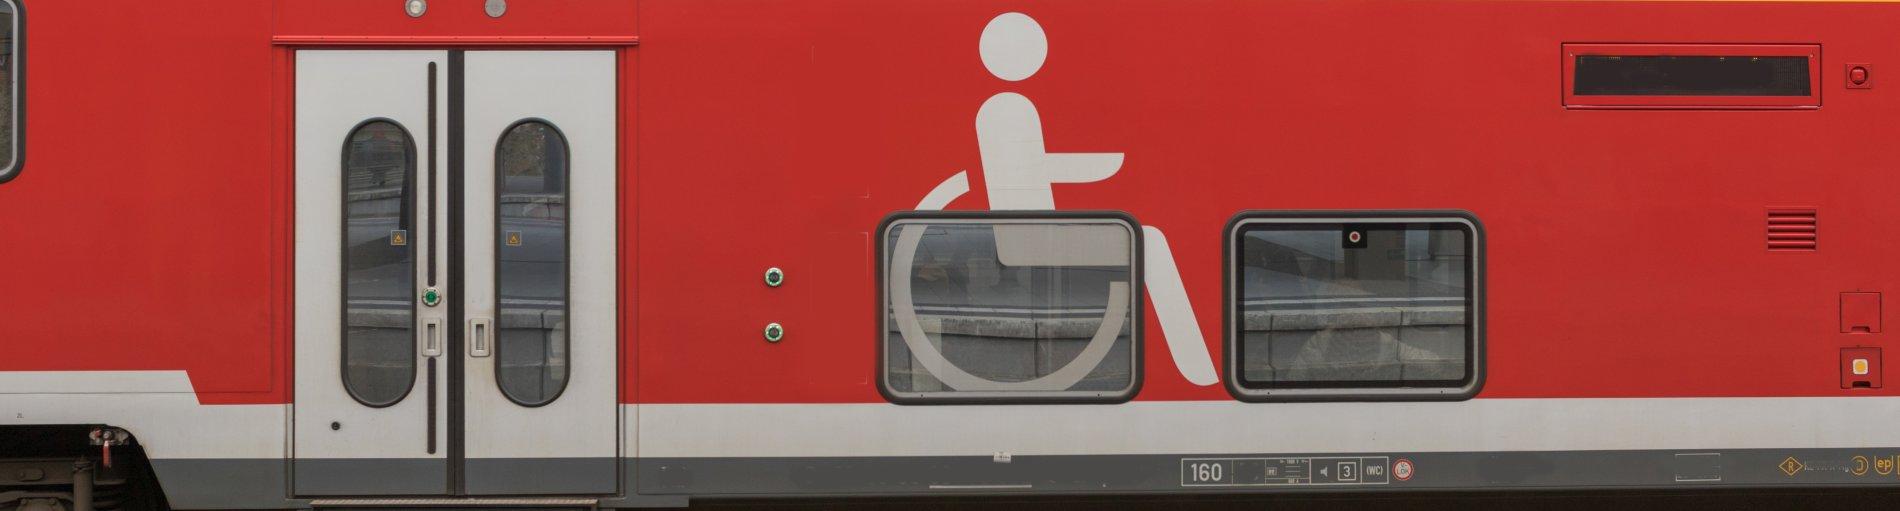 Barrierefreier Regionalzug.